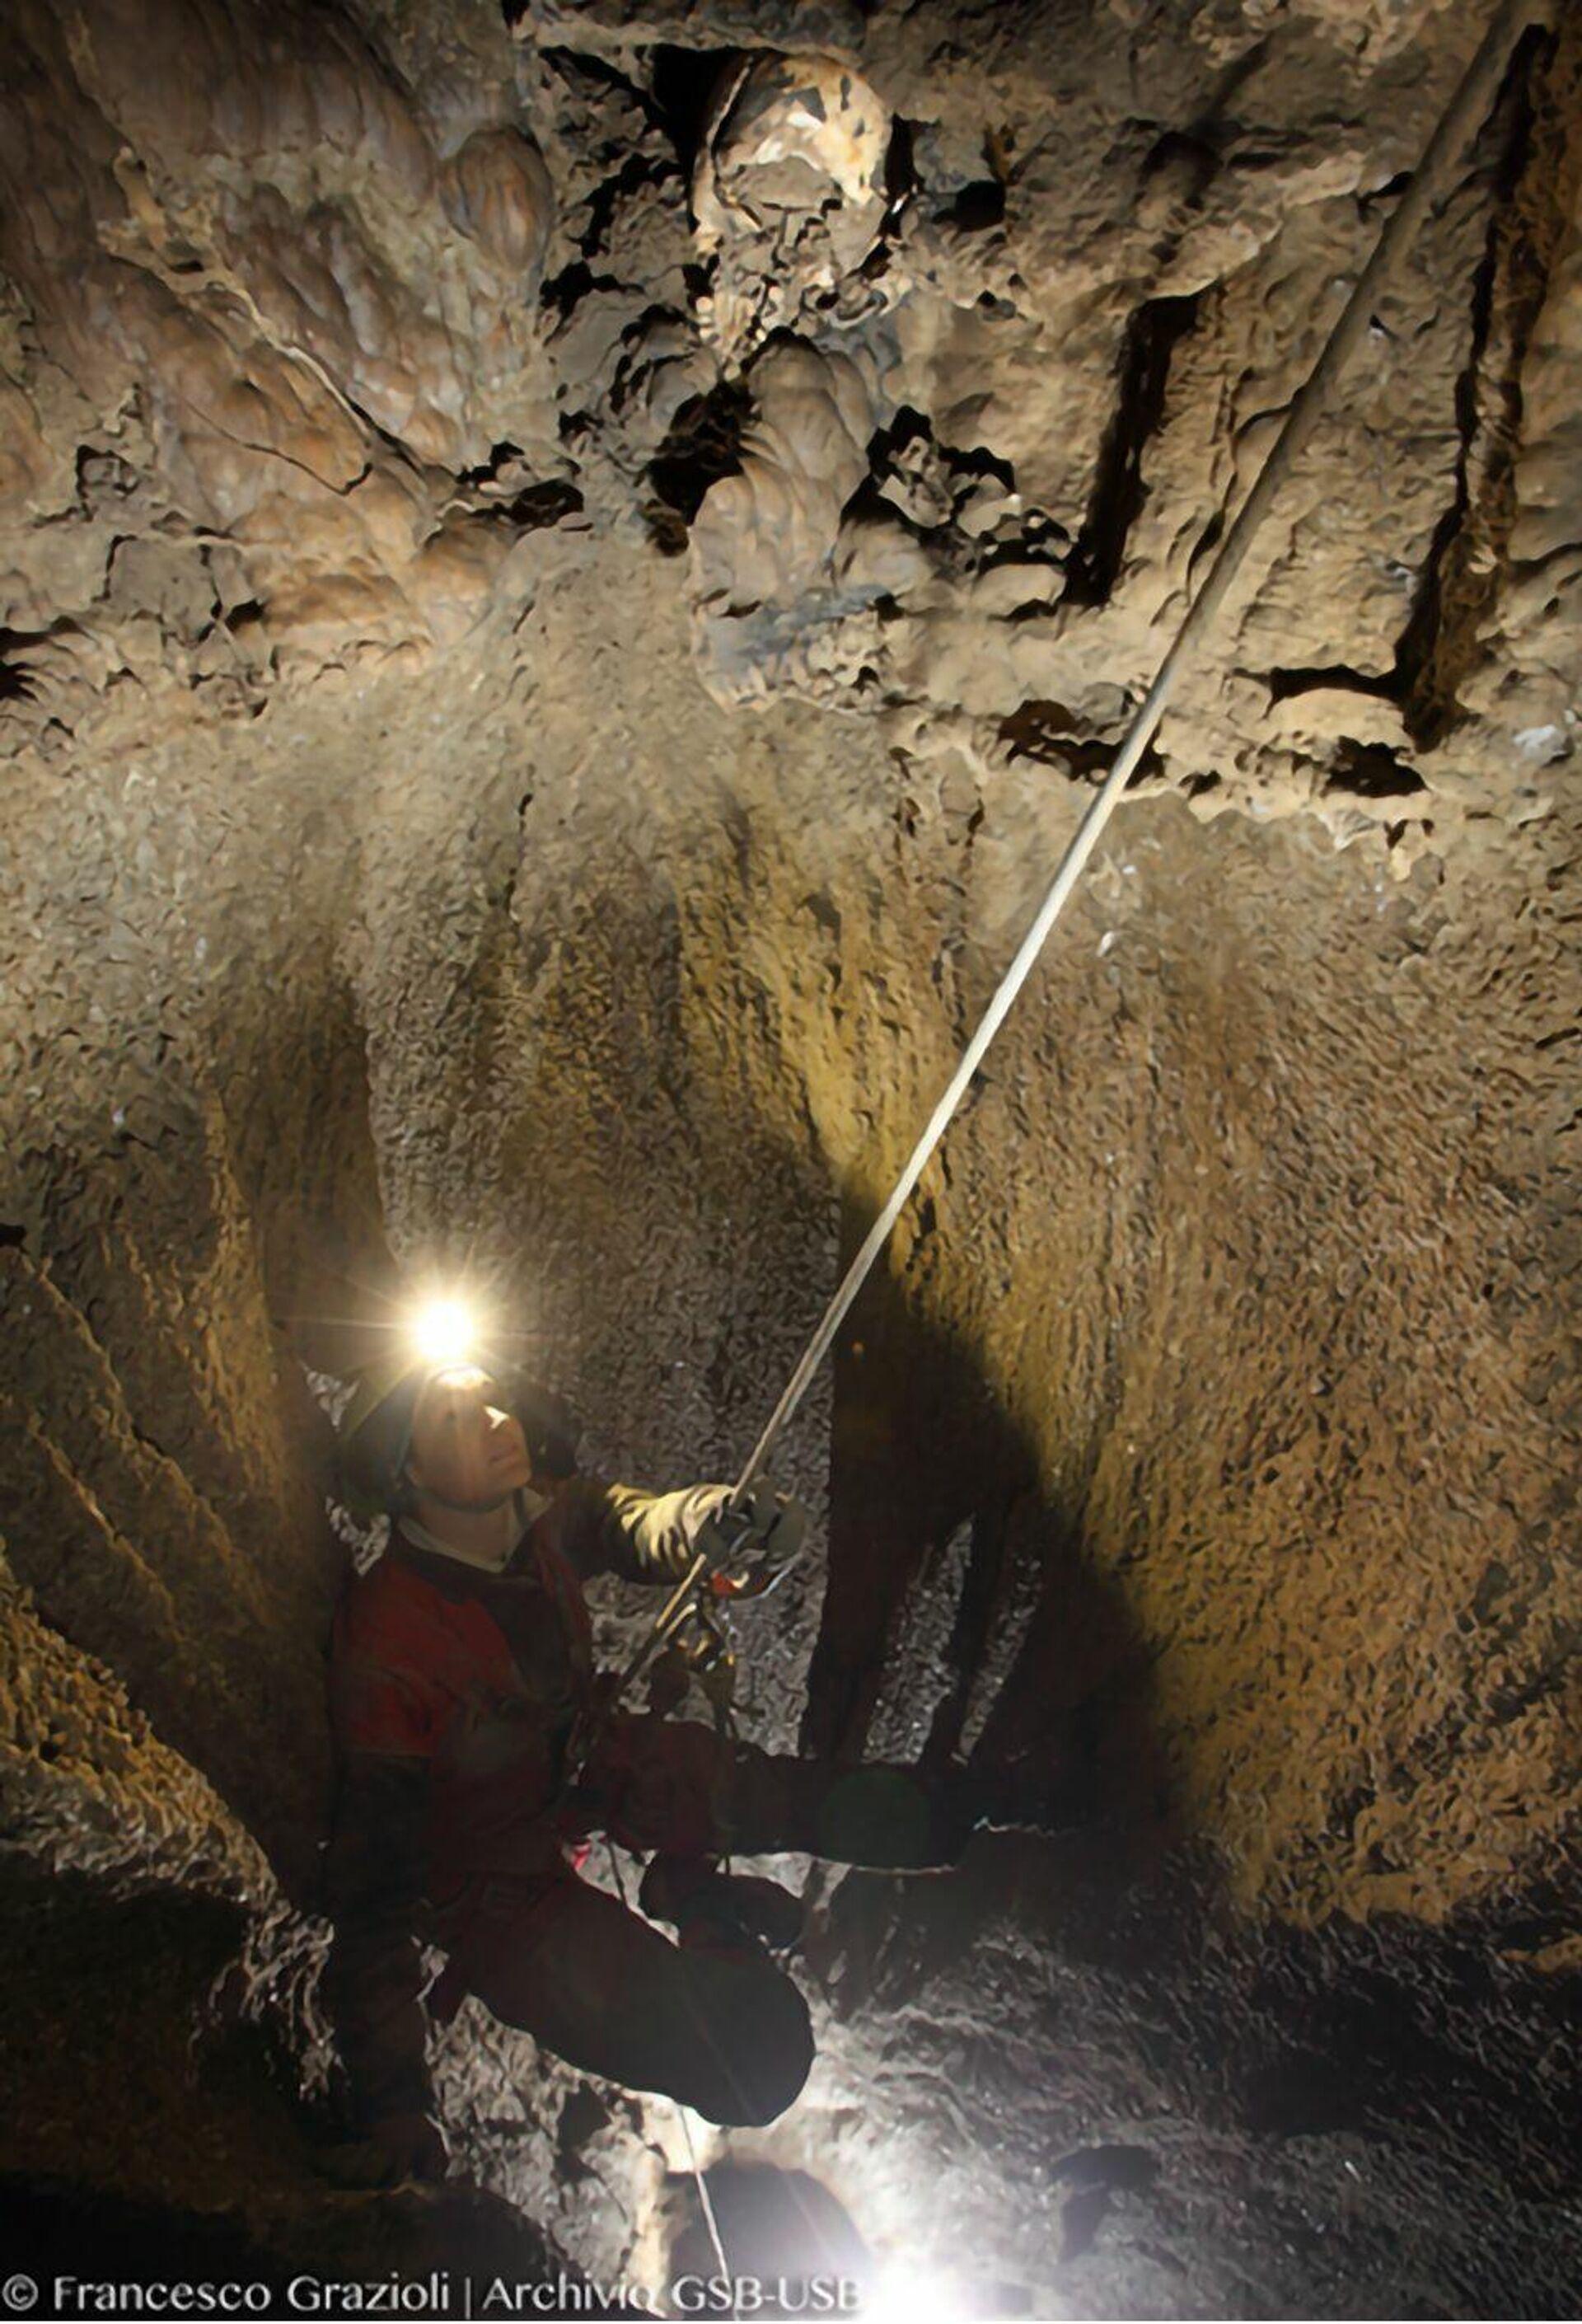 Местонахождение черепа в пещере Марселя Лубенса  - РИА Новости, 1920, 03.03.2021